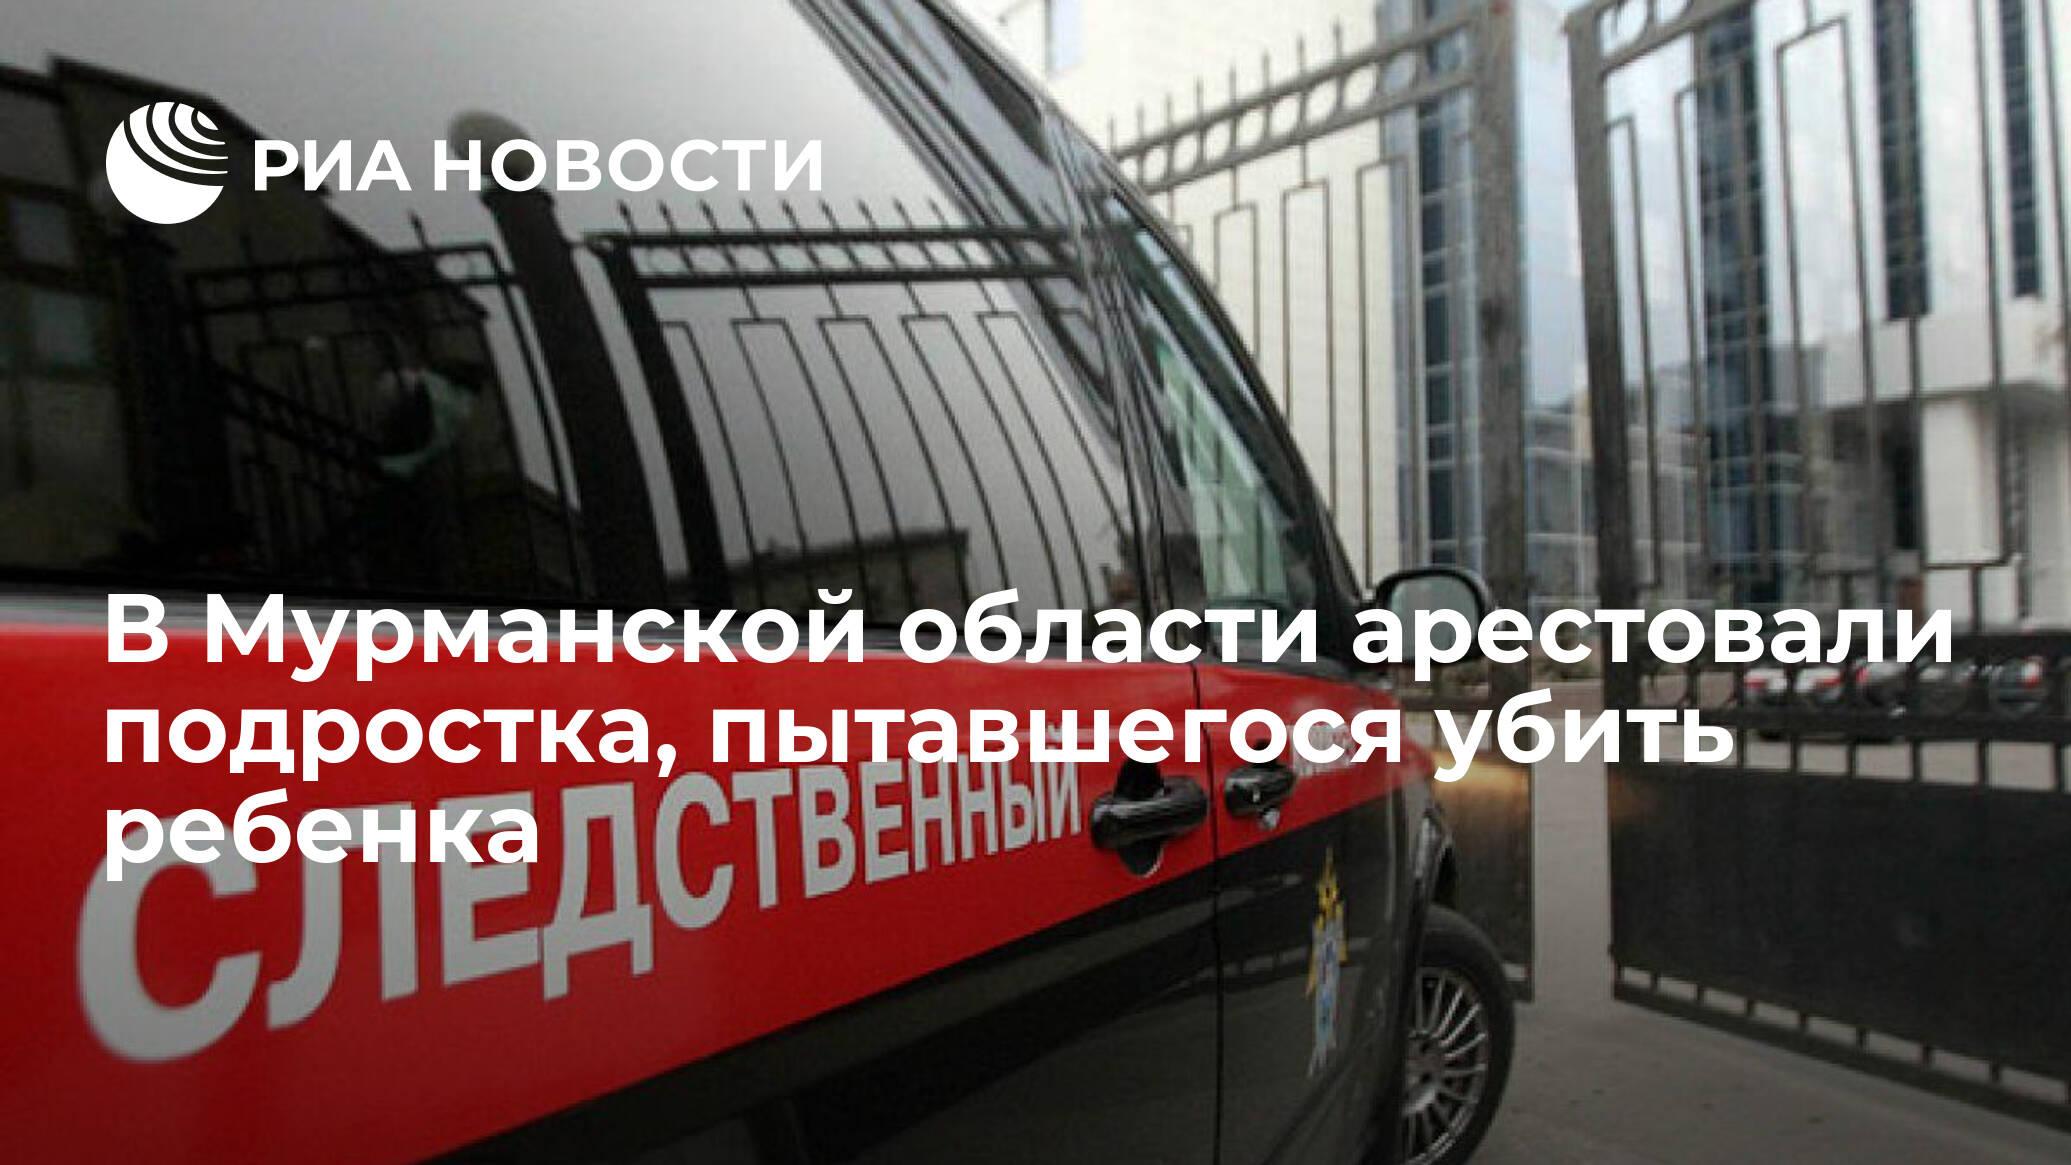 В Мурманской области арестовали подростка, пытавшегося убить ребенка